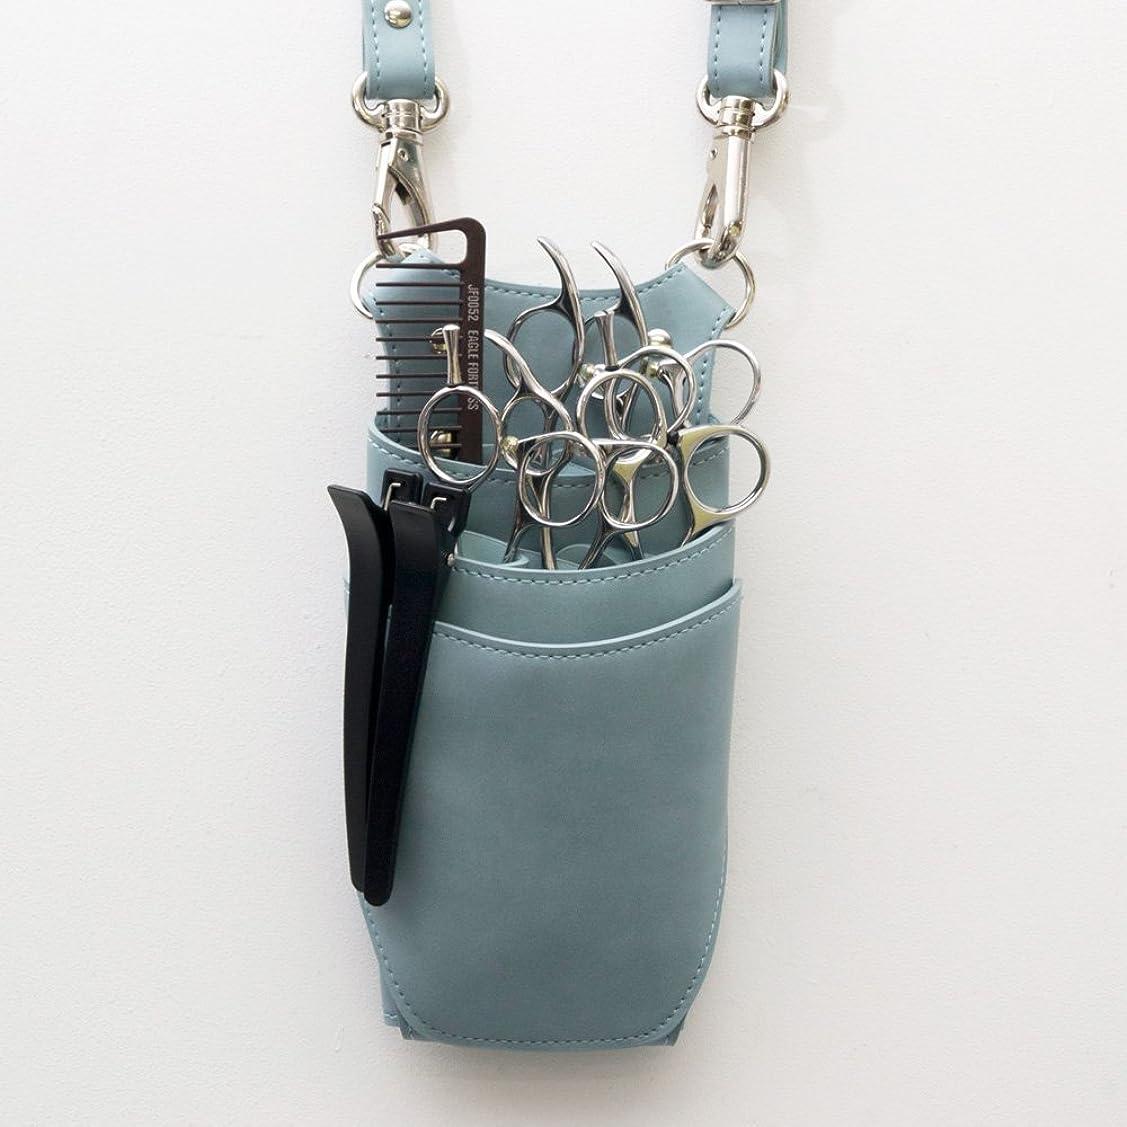 邪魔する既婚克服するdp オリジナル dp-AC105 ライトブルー 青色 3?5丁入れ シザーケース プロ仕様 美容師 理容師 トリマー